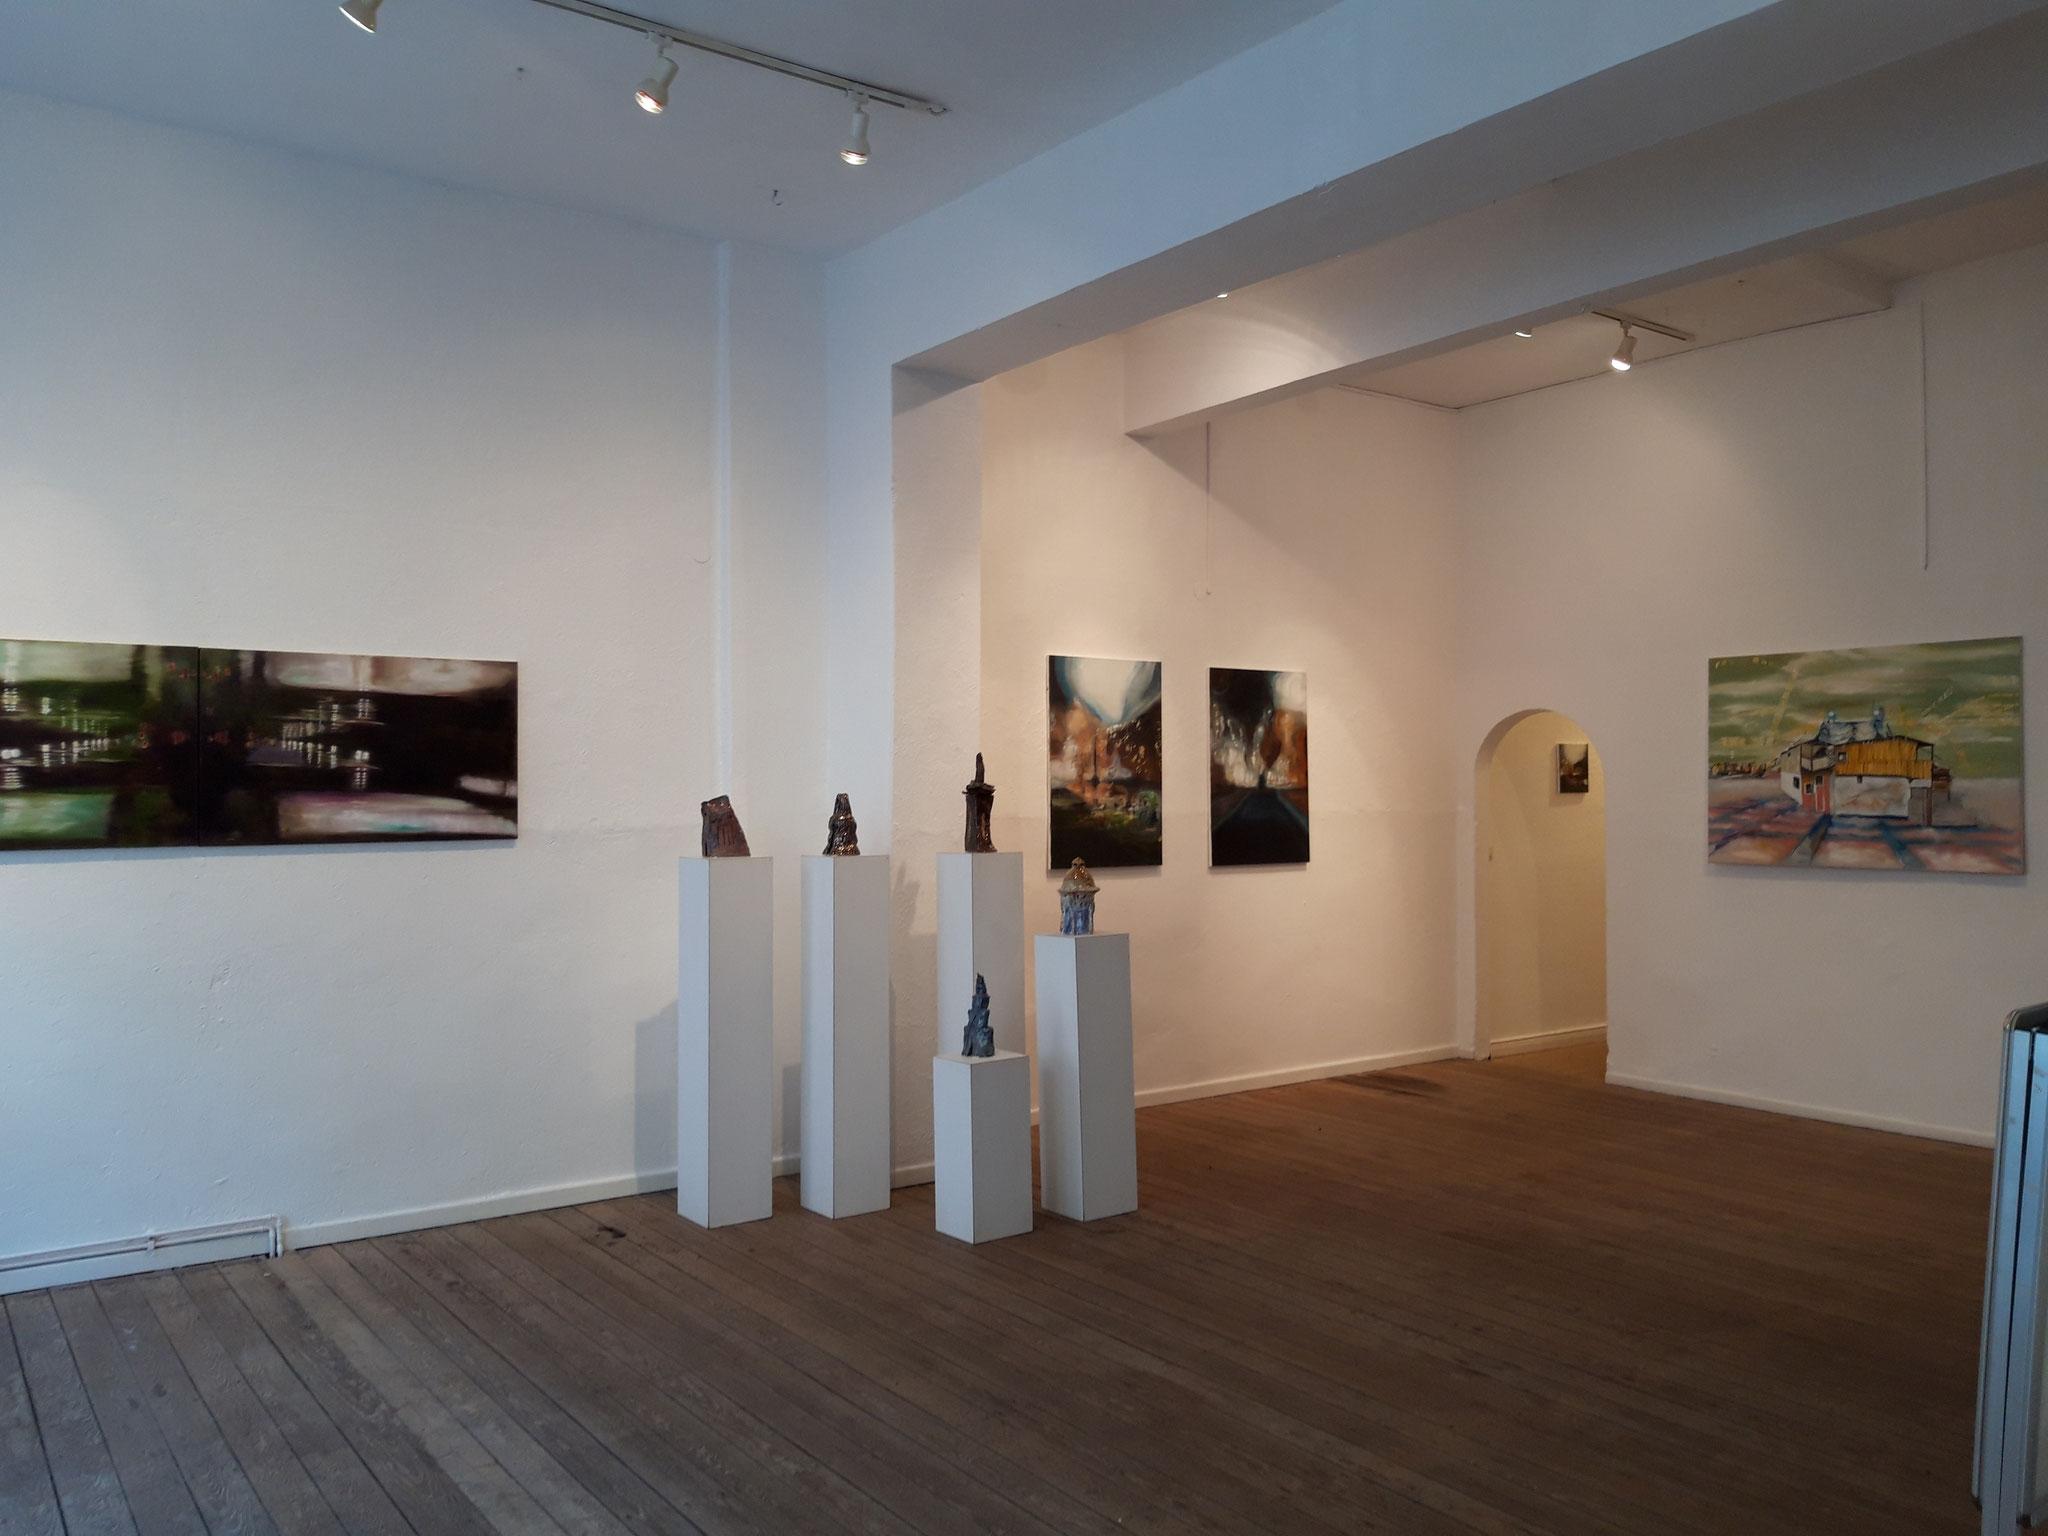 Ausstellungsansicht Galerie 149, Bremerhaven 2019